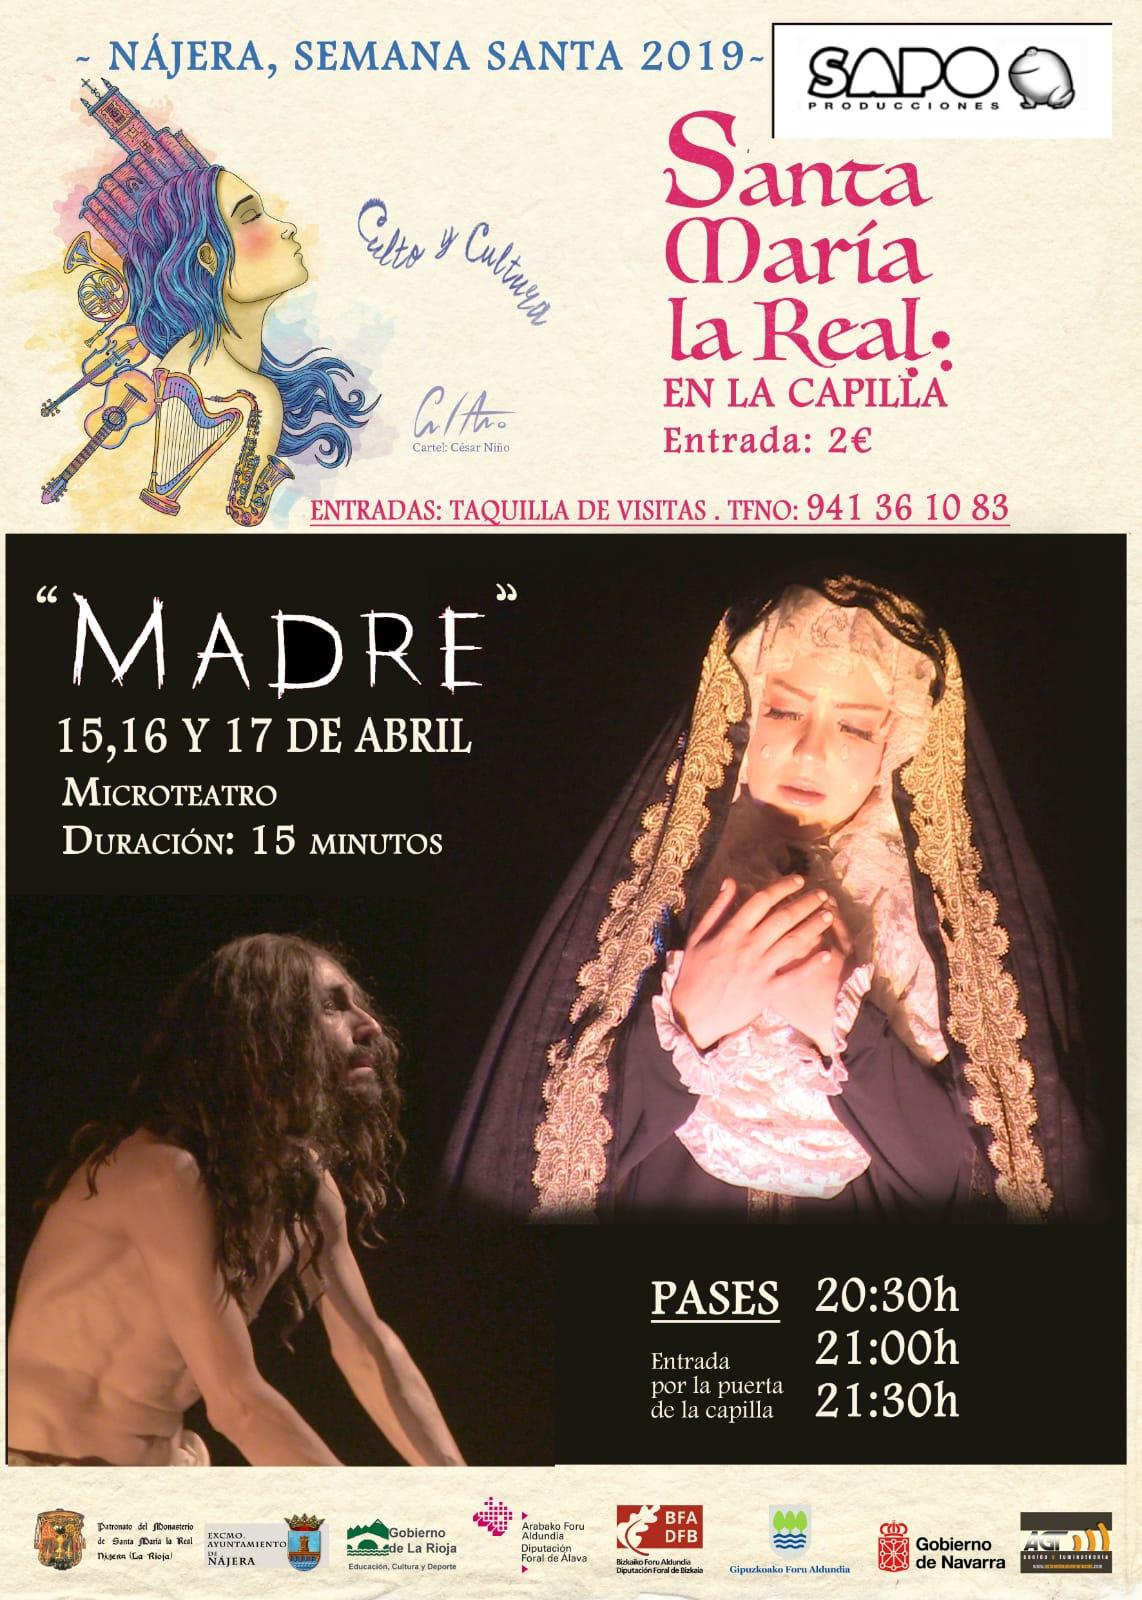 Santa María La Real acoge 'Madre', espectáculo como antesala a la Semana Santa 2